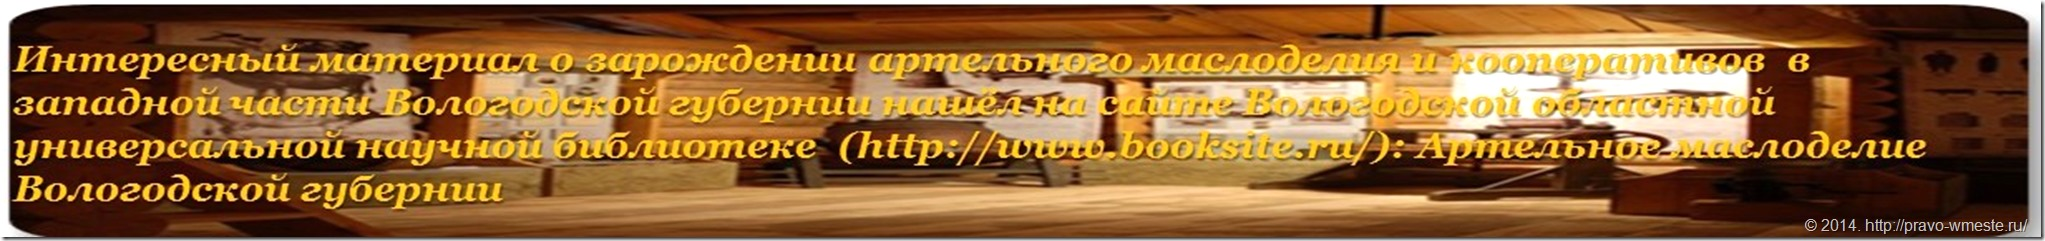 Кооператиция Вологодской Губернии 1921